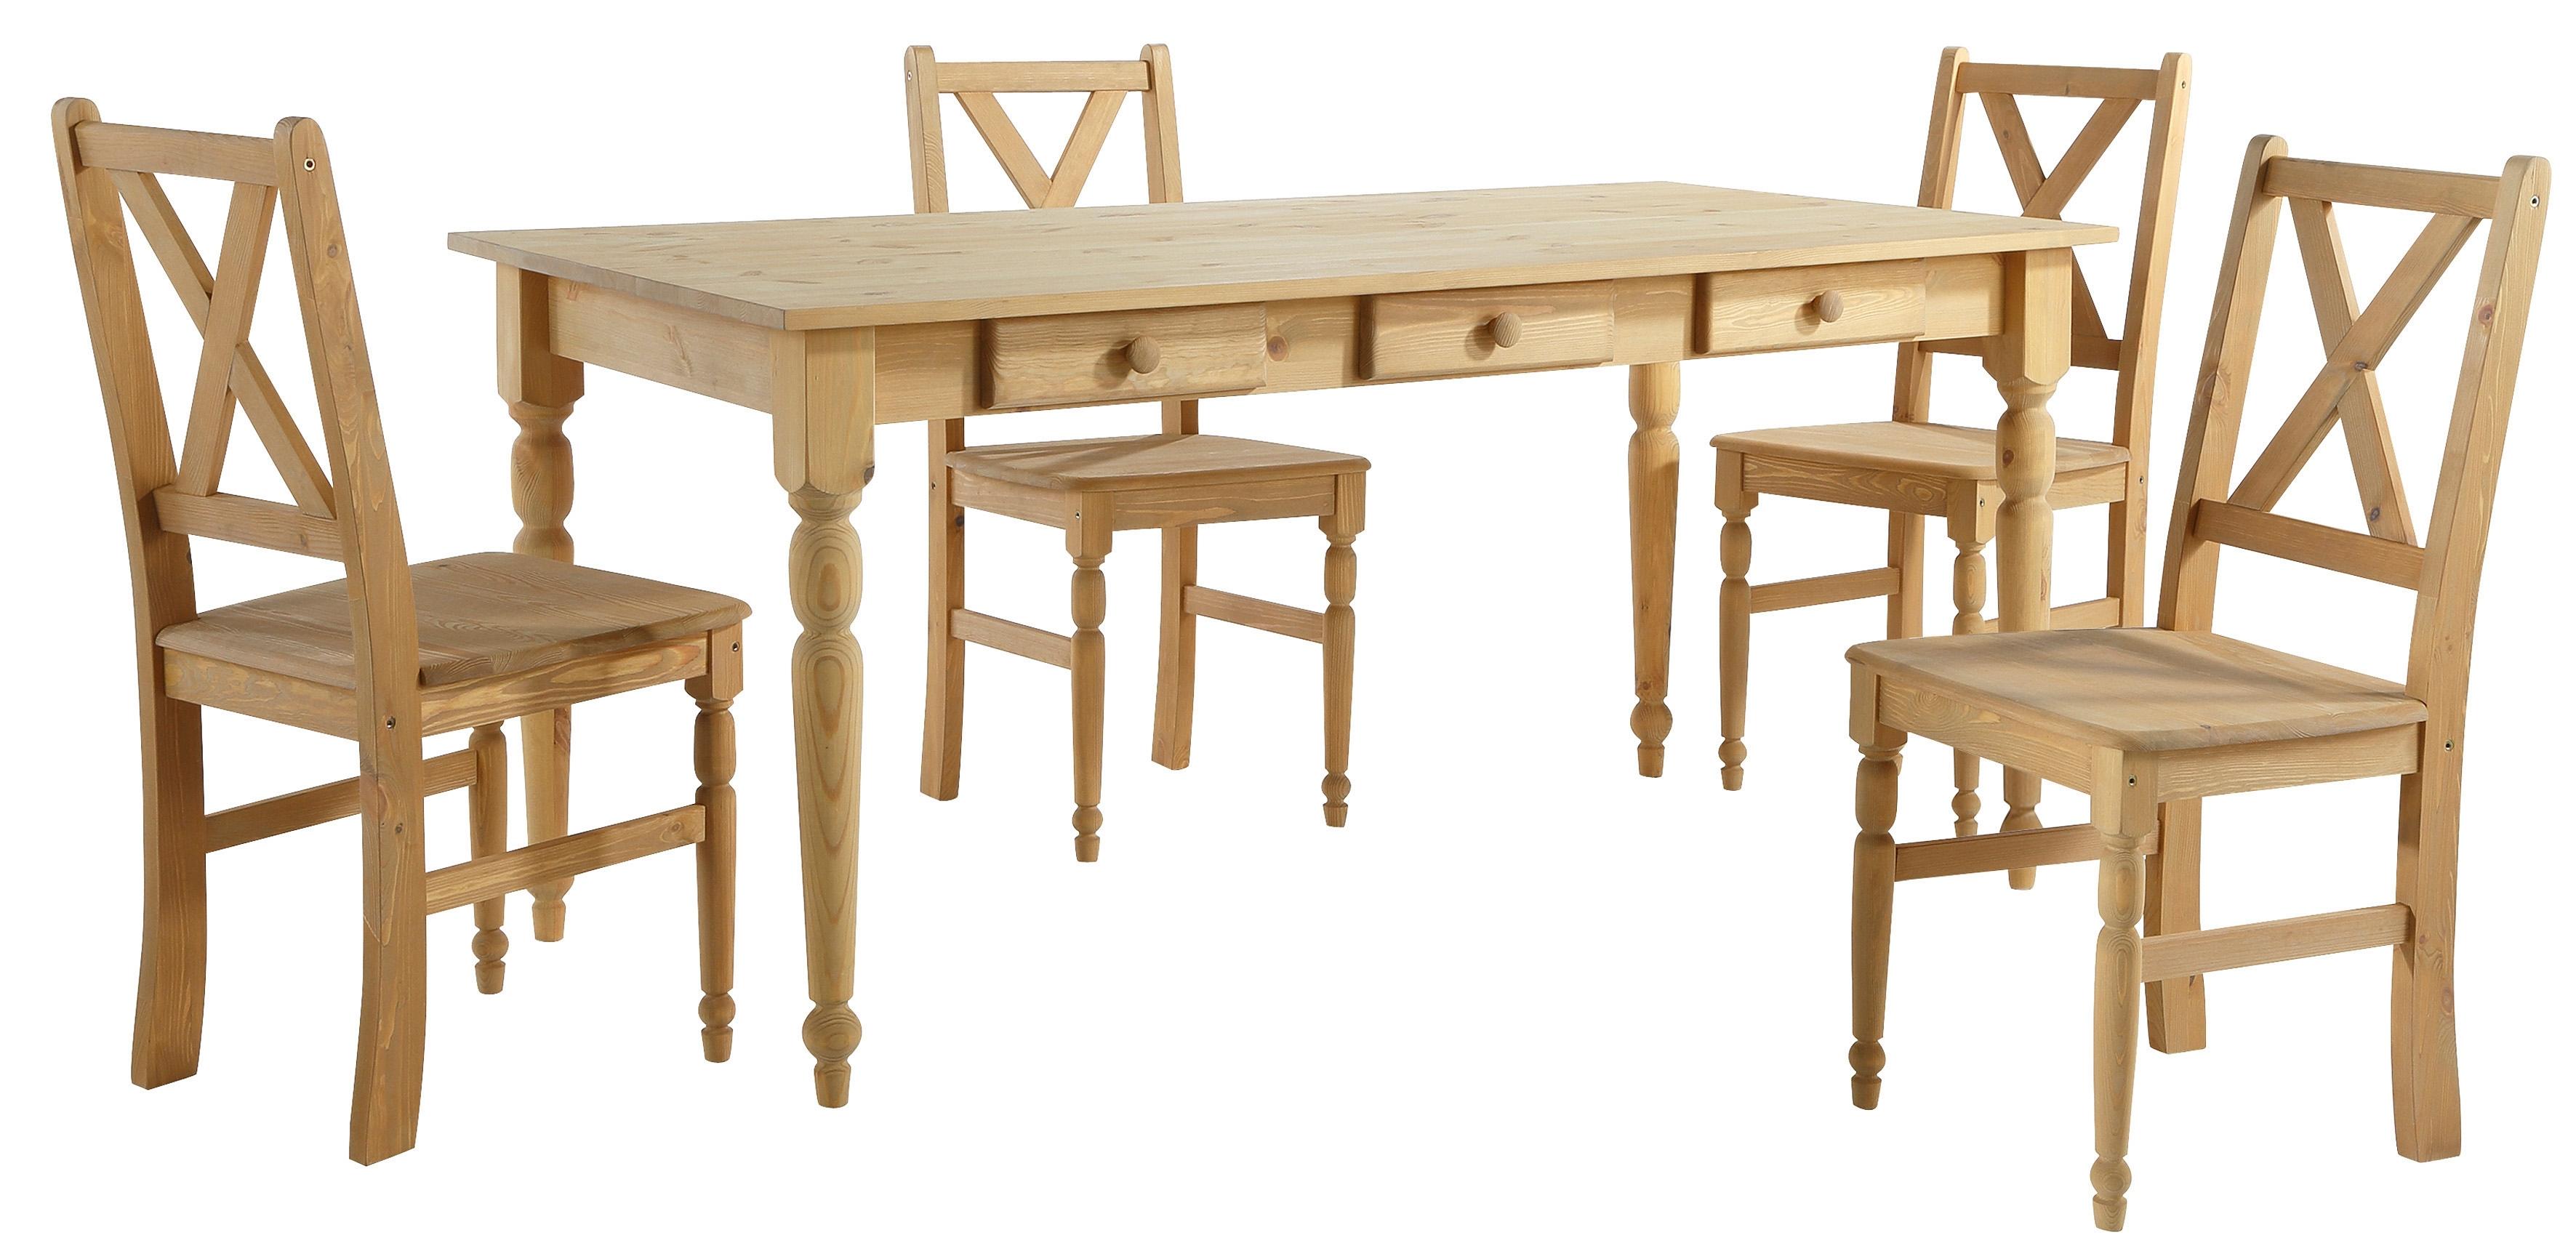 home affaire eethoek van massief hout 5 delig makkelijk besteld otto. Black Bedroom Furniture Sets. Home Design Ideas